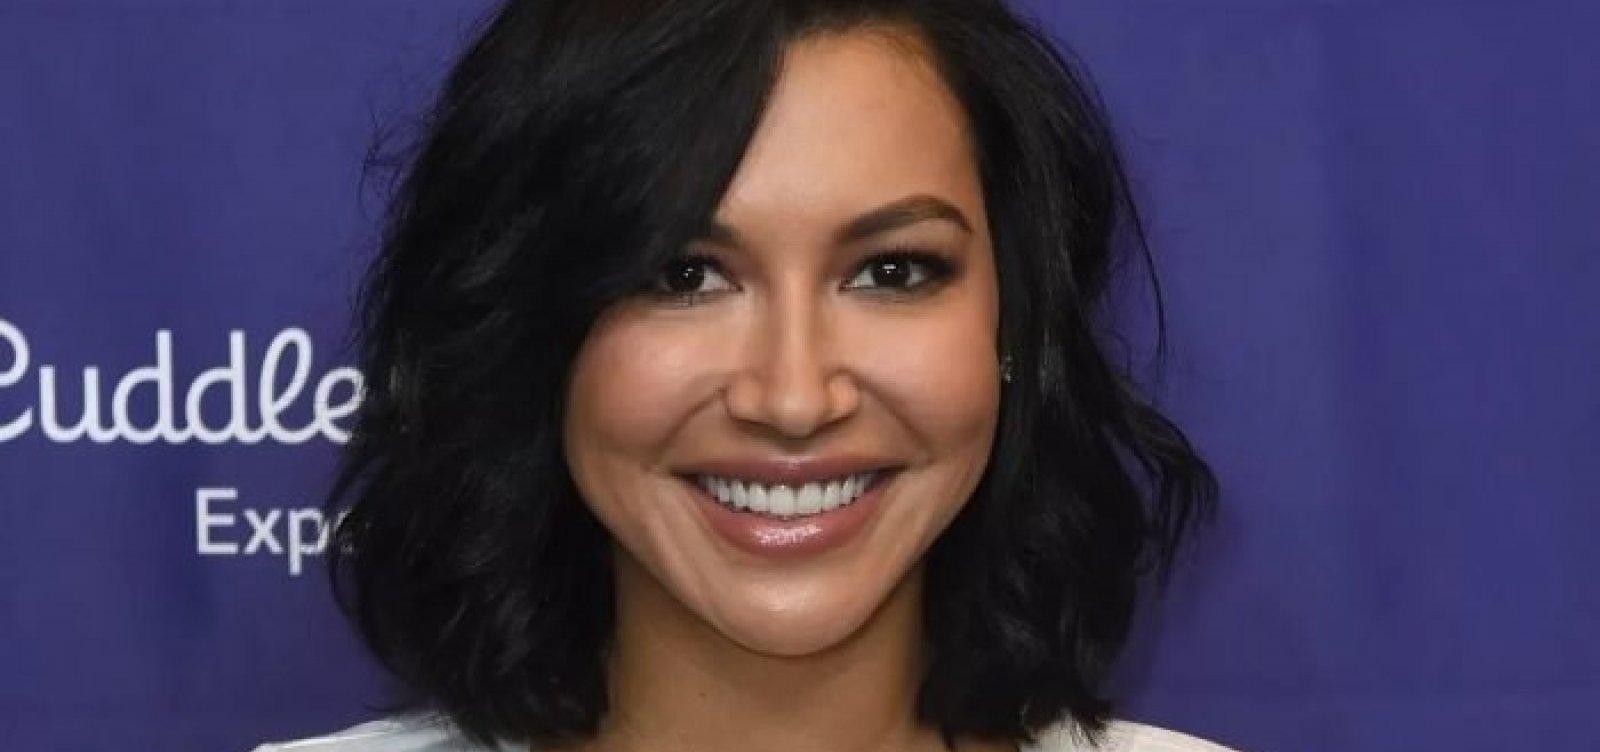 [Corpo da atriz de 'Glee' Naya Rivera é encontrado em lago, diz polícia]